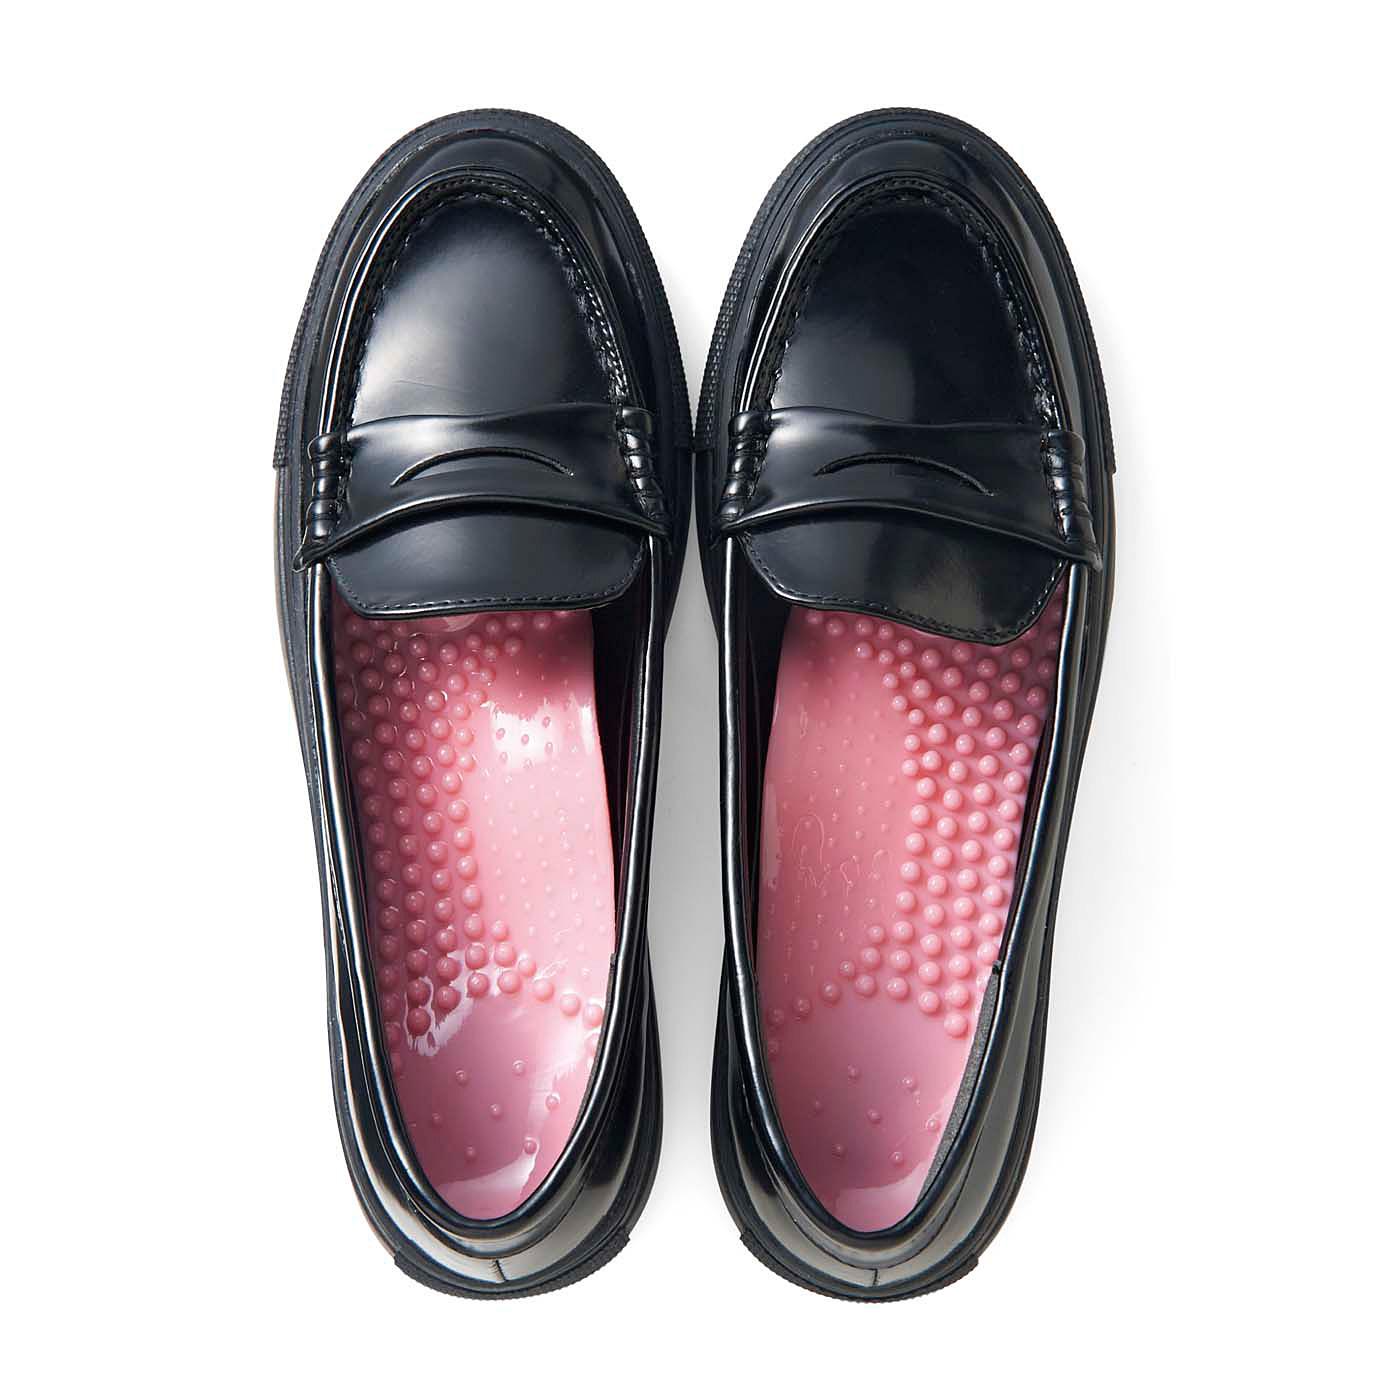 靴のかかと側に合わせて敷くだけ。靴の中でずれにくく、いろいろな形、サイズの靴にフィット。